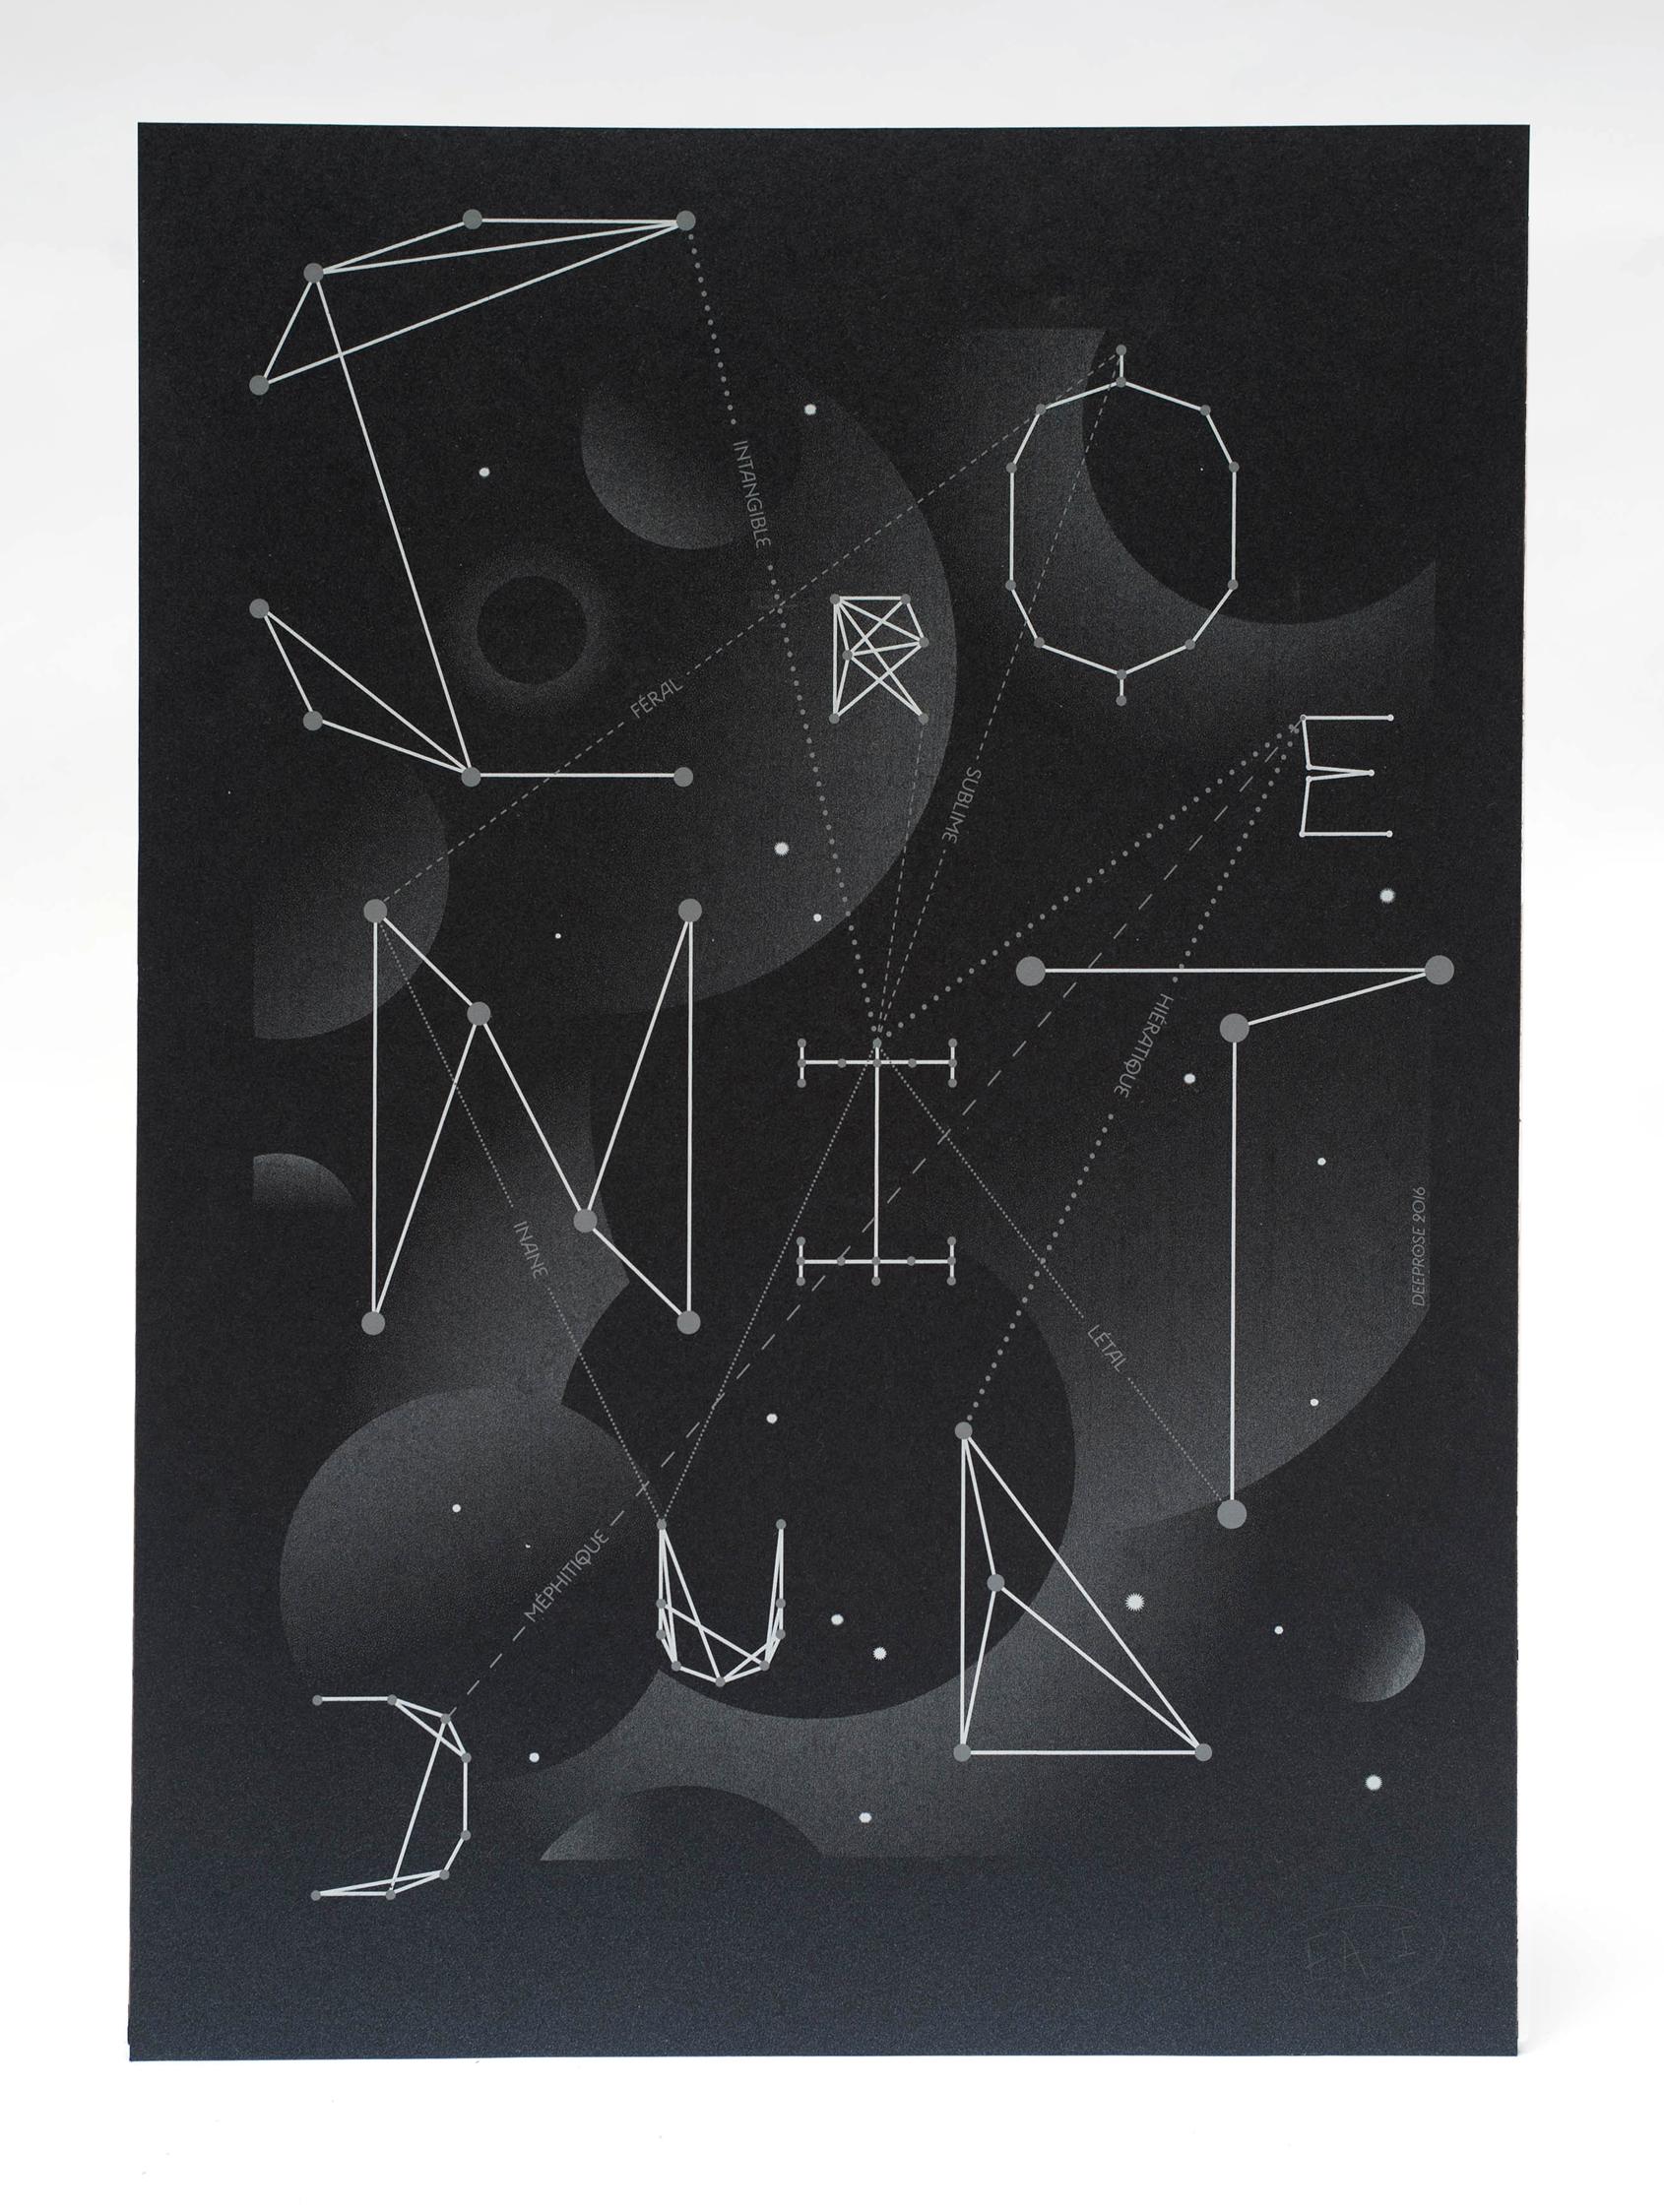 Affiche réalisée par Deeprose et sérigraphiée par Sacrés Caractères Letterpress